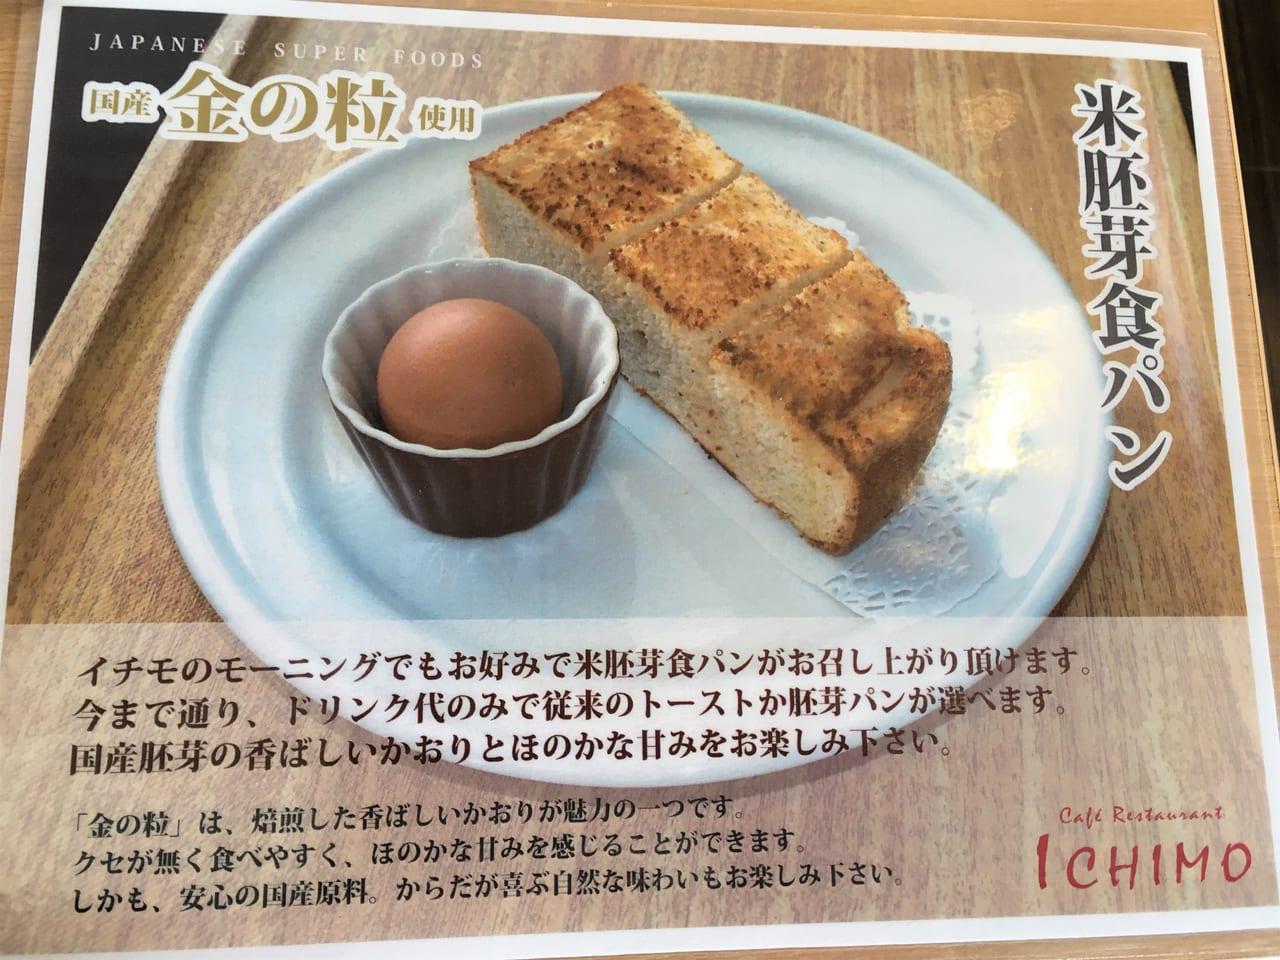 カフェレストランICHIMOで販売開始された国産の米胚芽食パンの説明